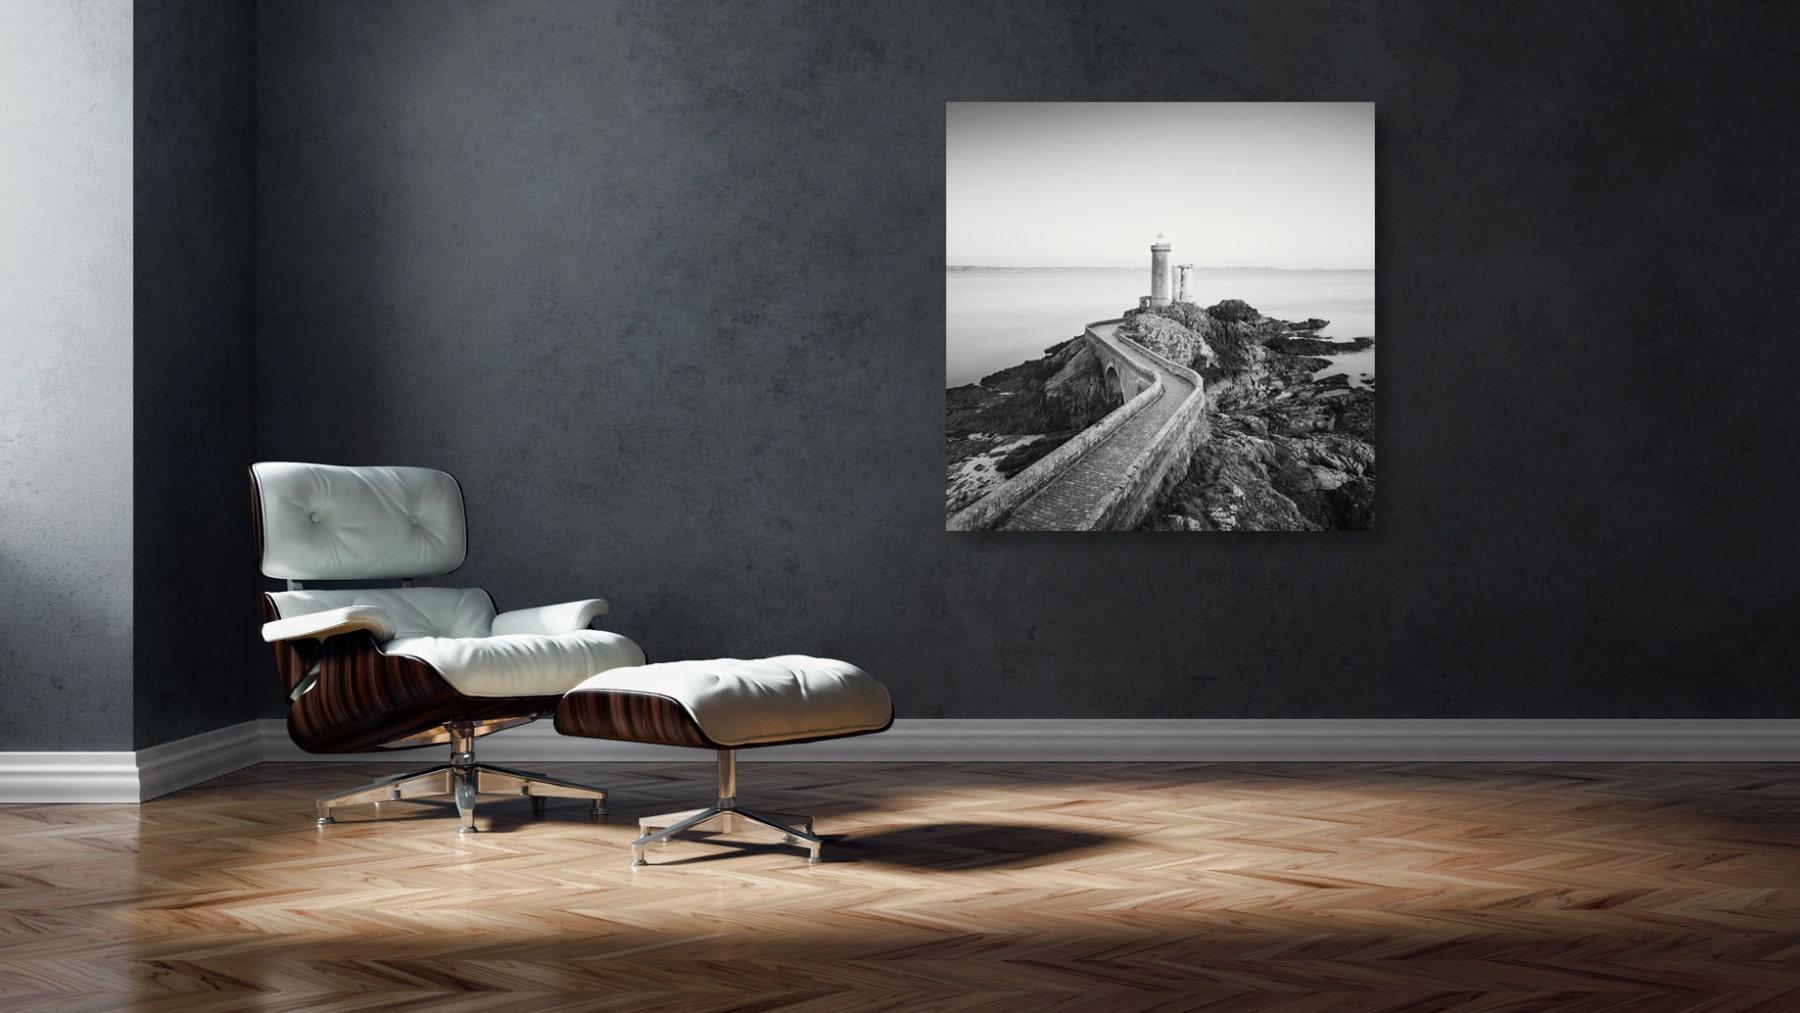 Schwarz-Weiss Studie - Frankreich, Bretagne, Küste, Leuchtturm, Petit Minou